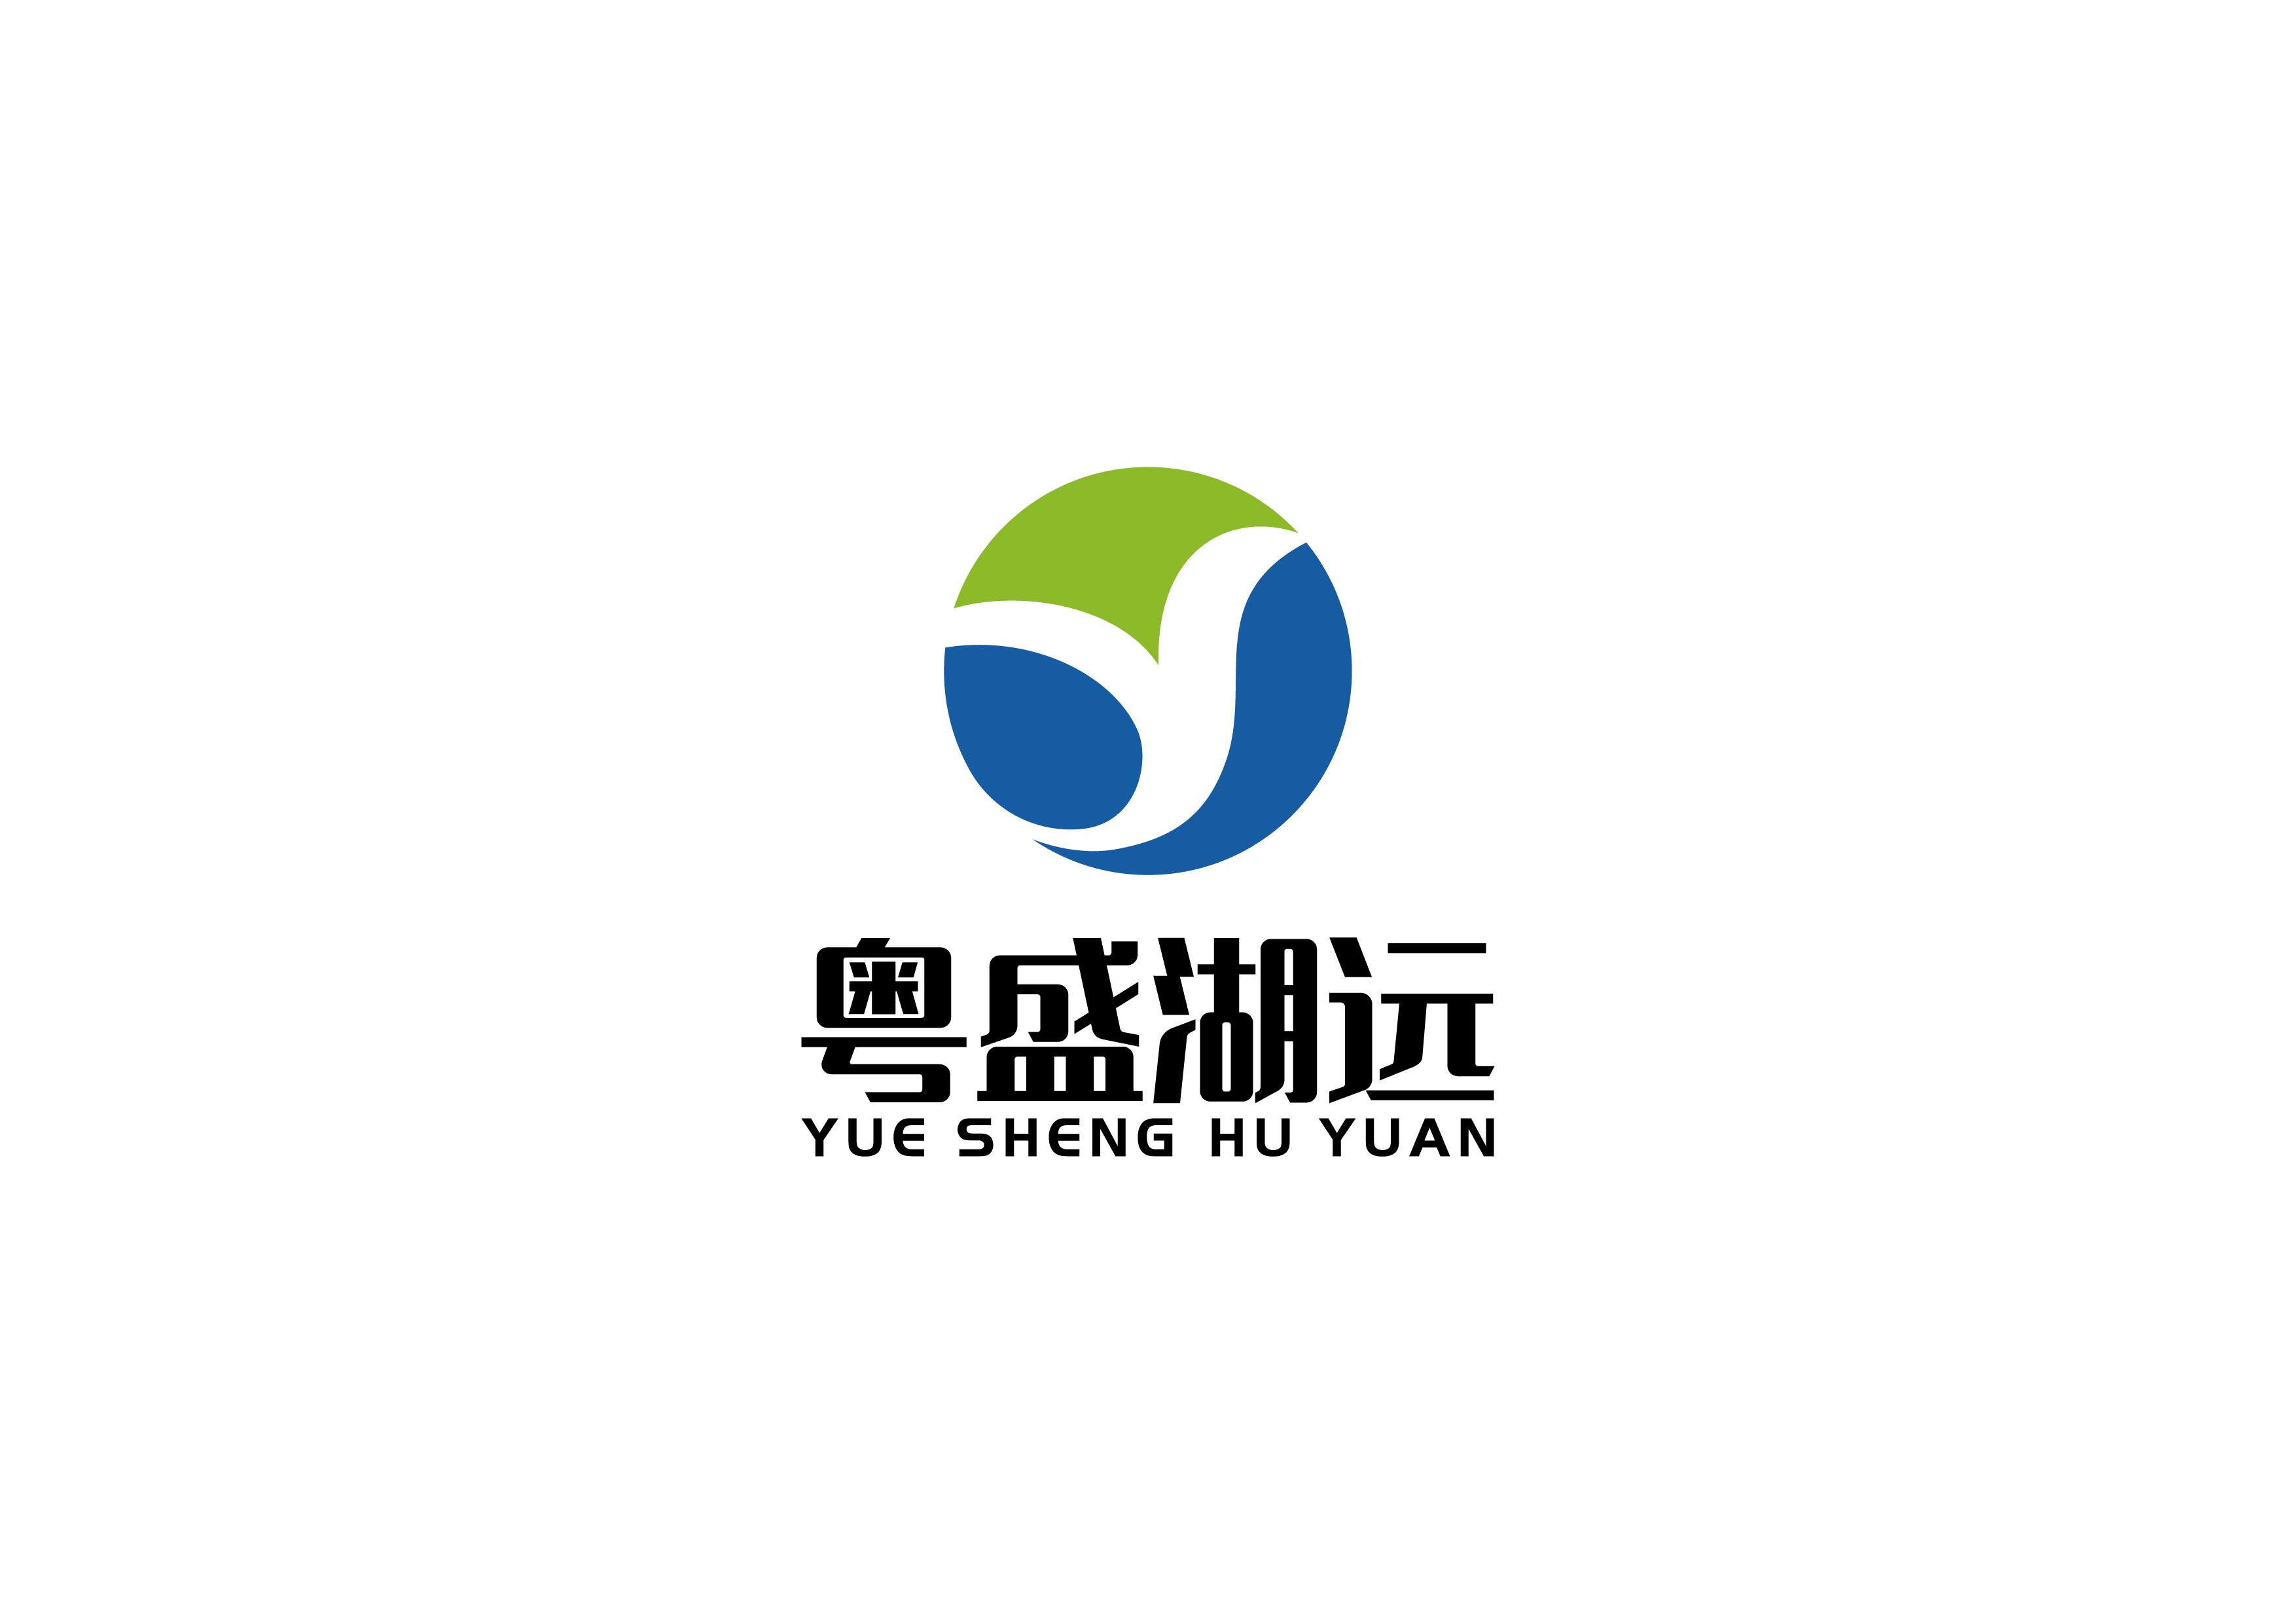 廣東粵盛湖遠環境科技有限公司